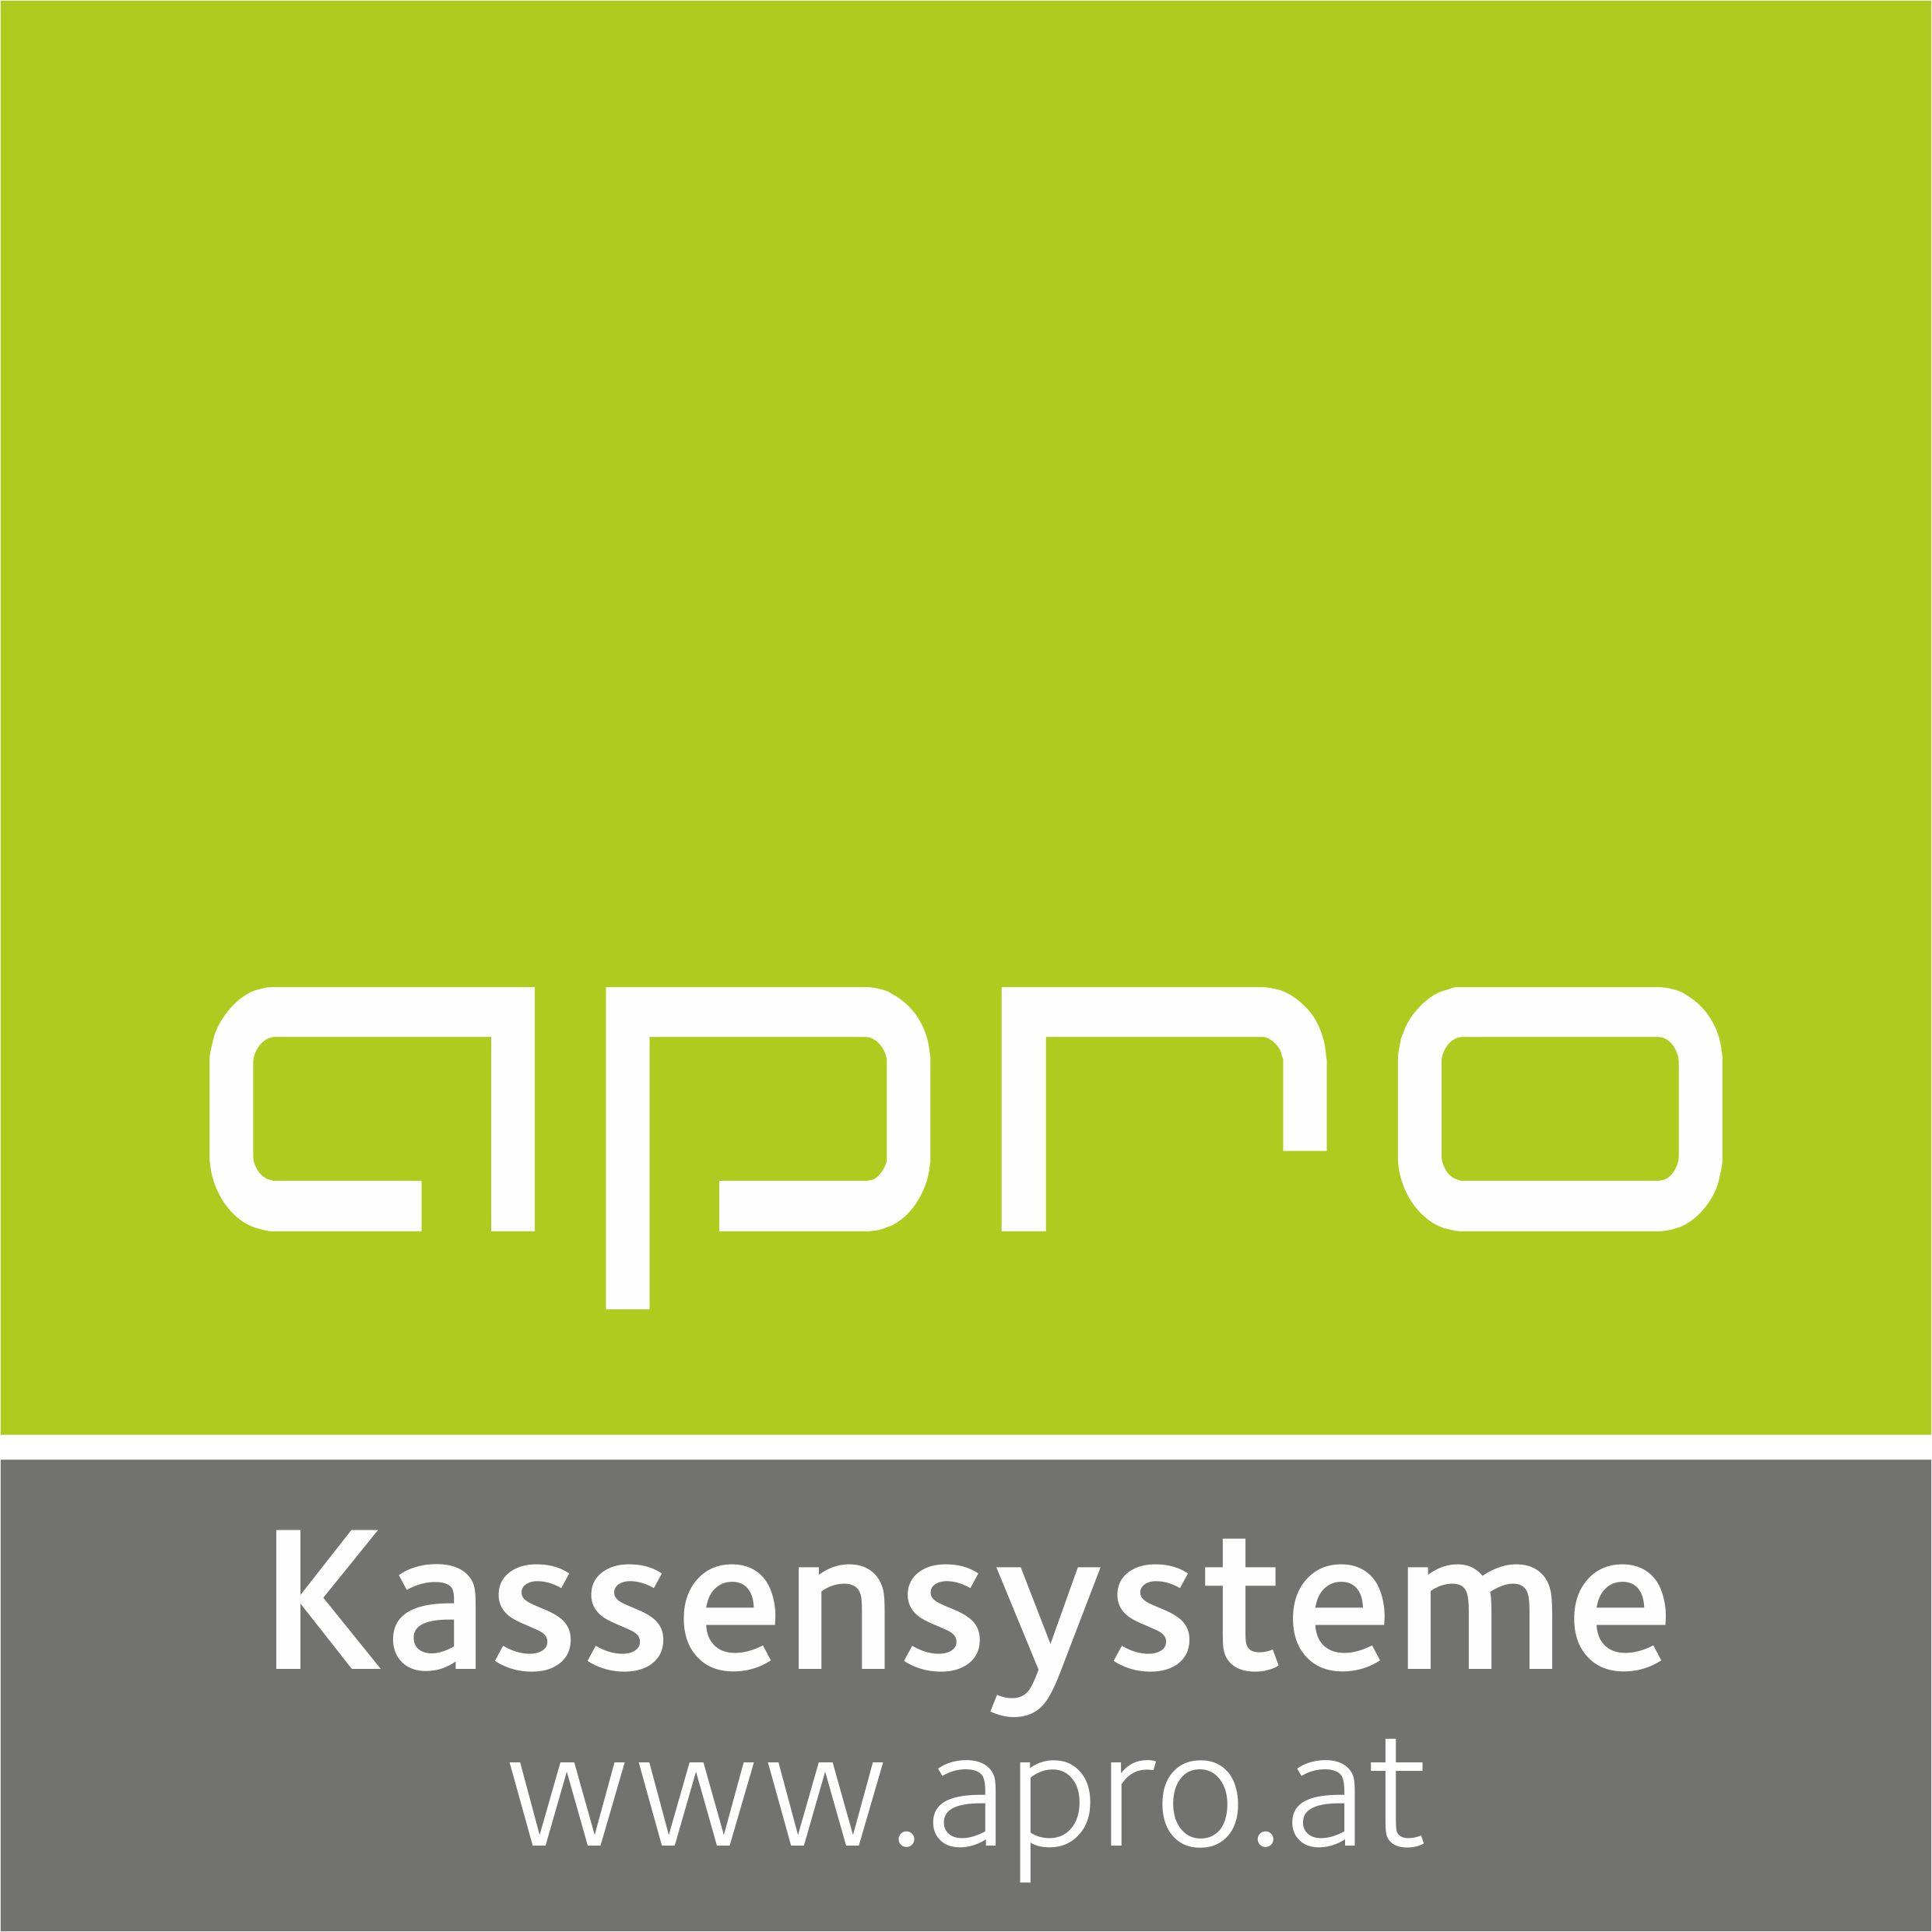 logo-quadratisch-mit kassensysteme